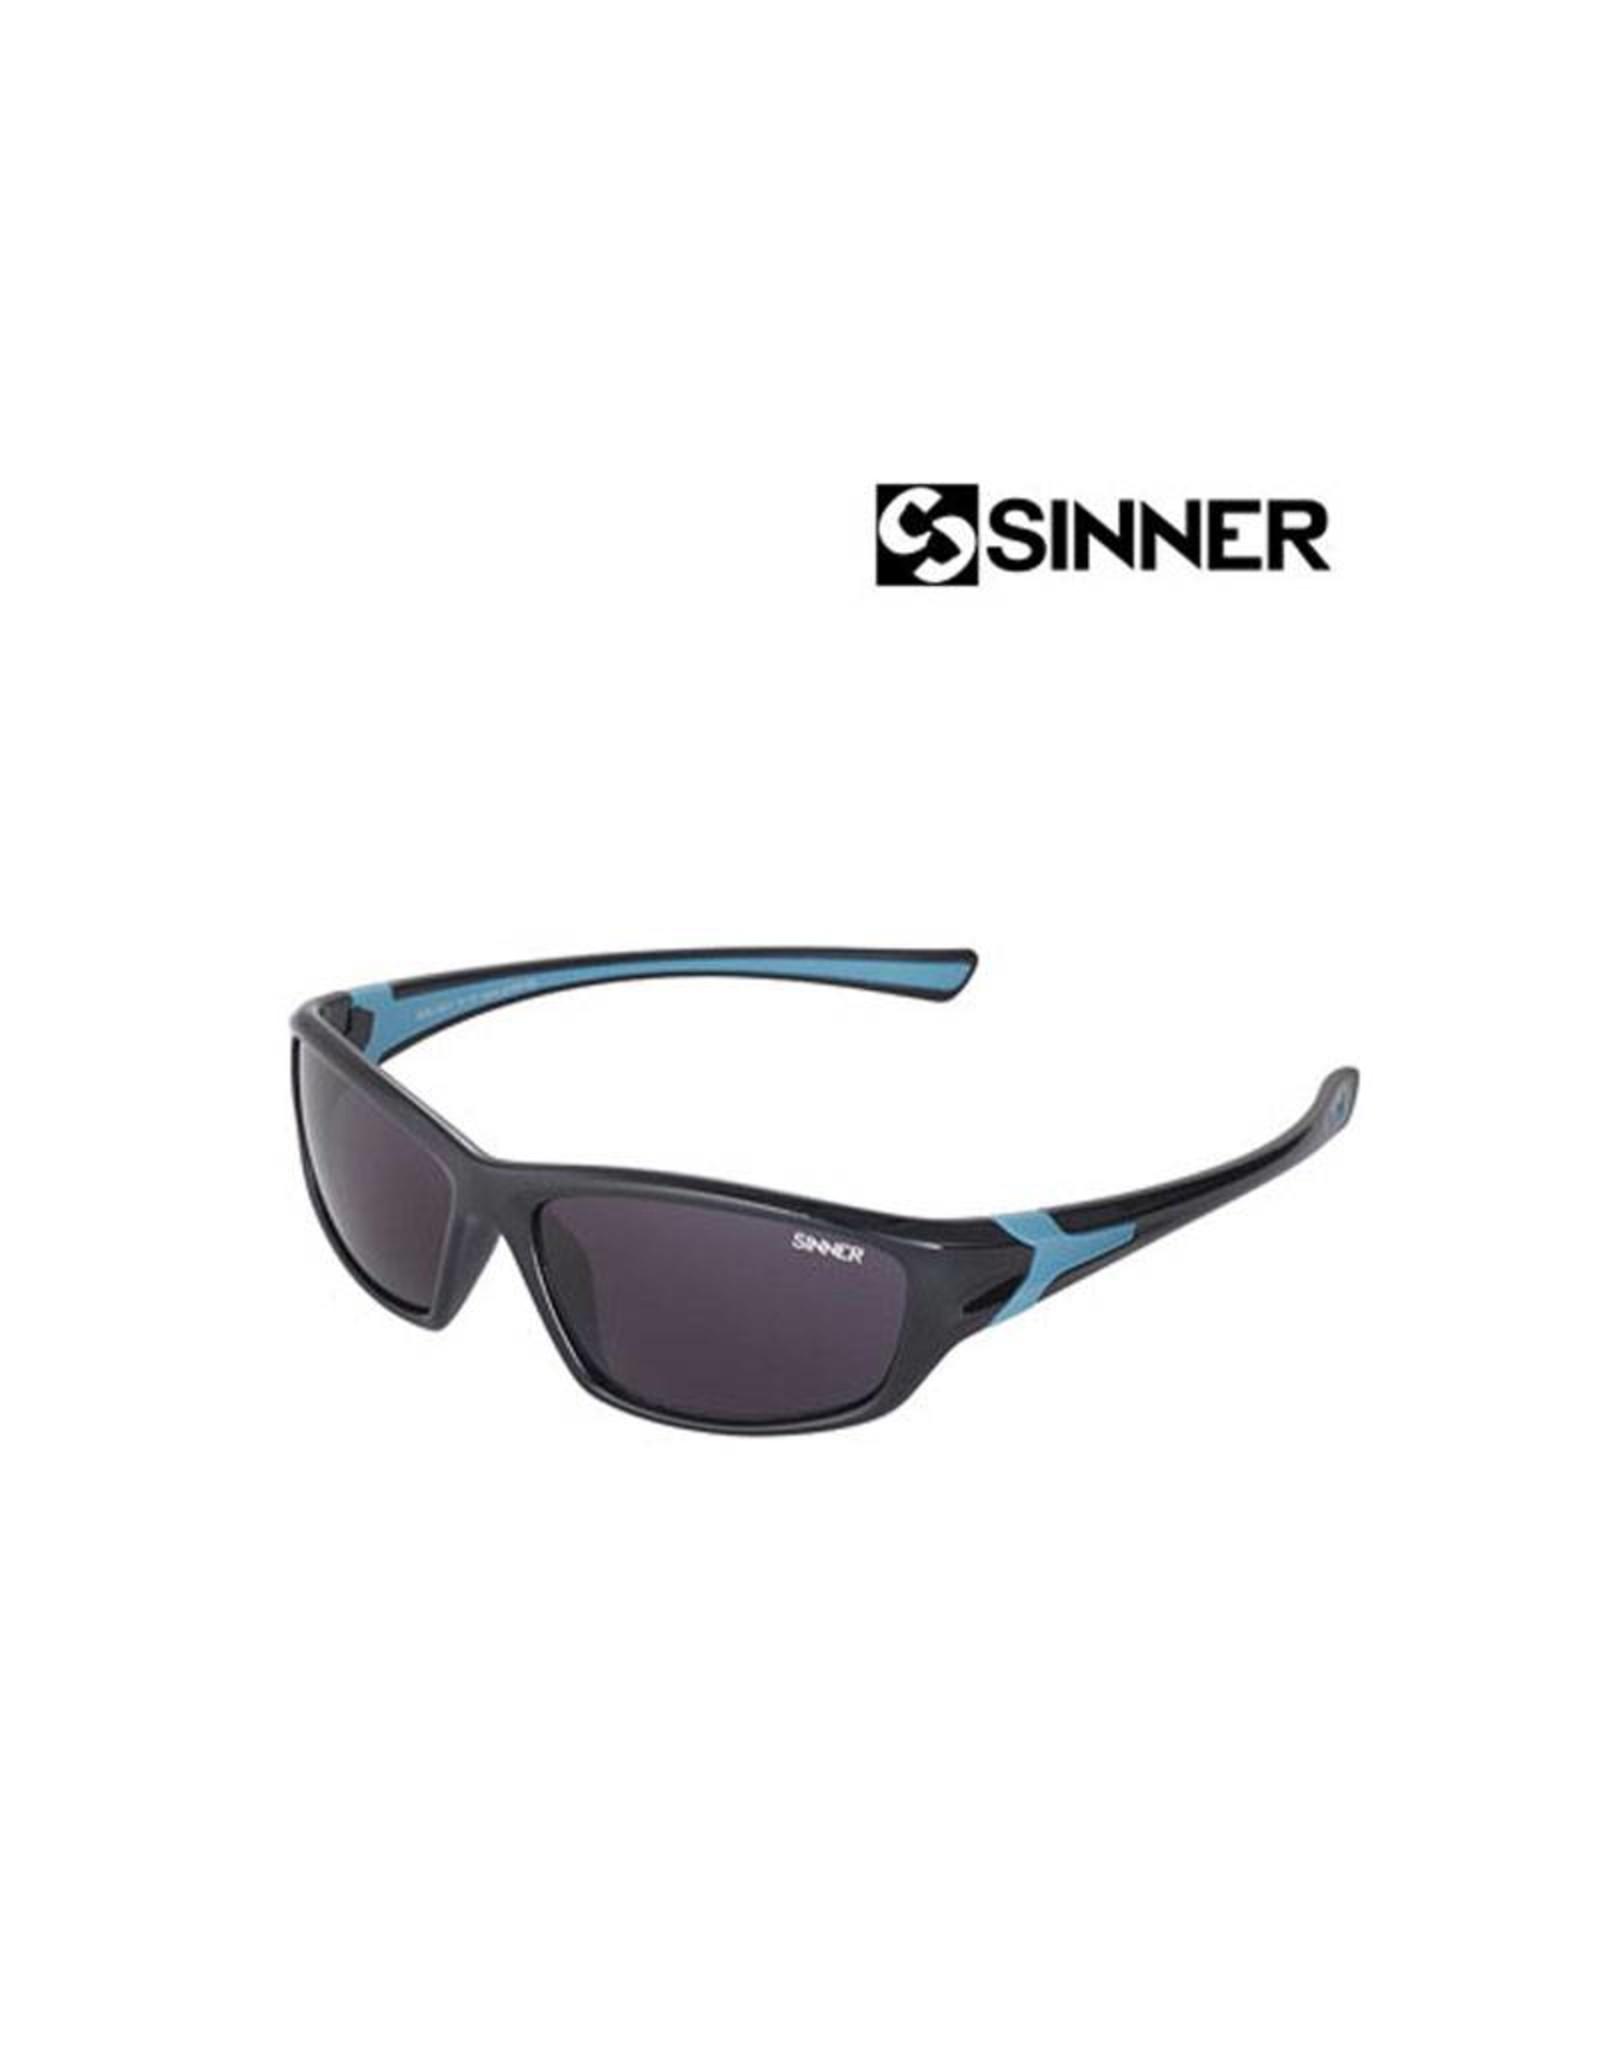 SINNER SINNER OKEMO Shiny Black Zonnebril Uni (jr)